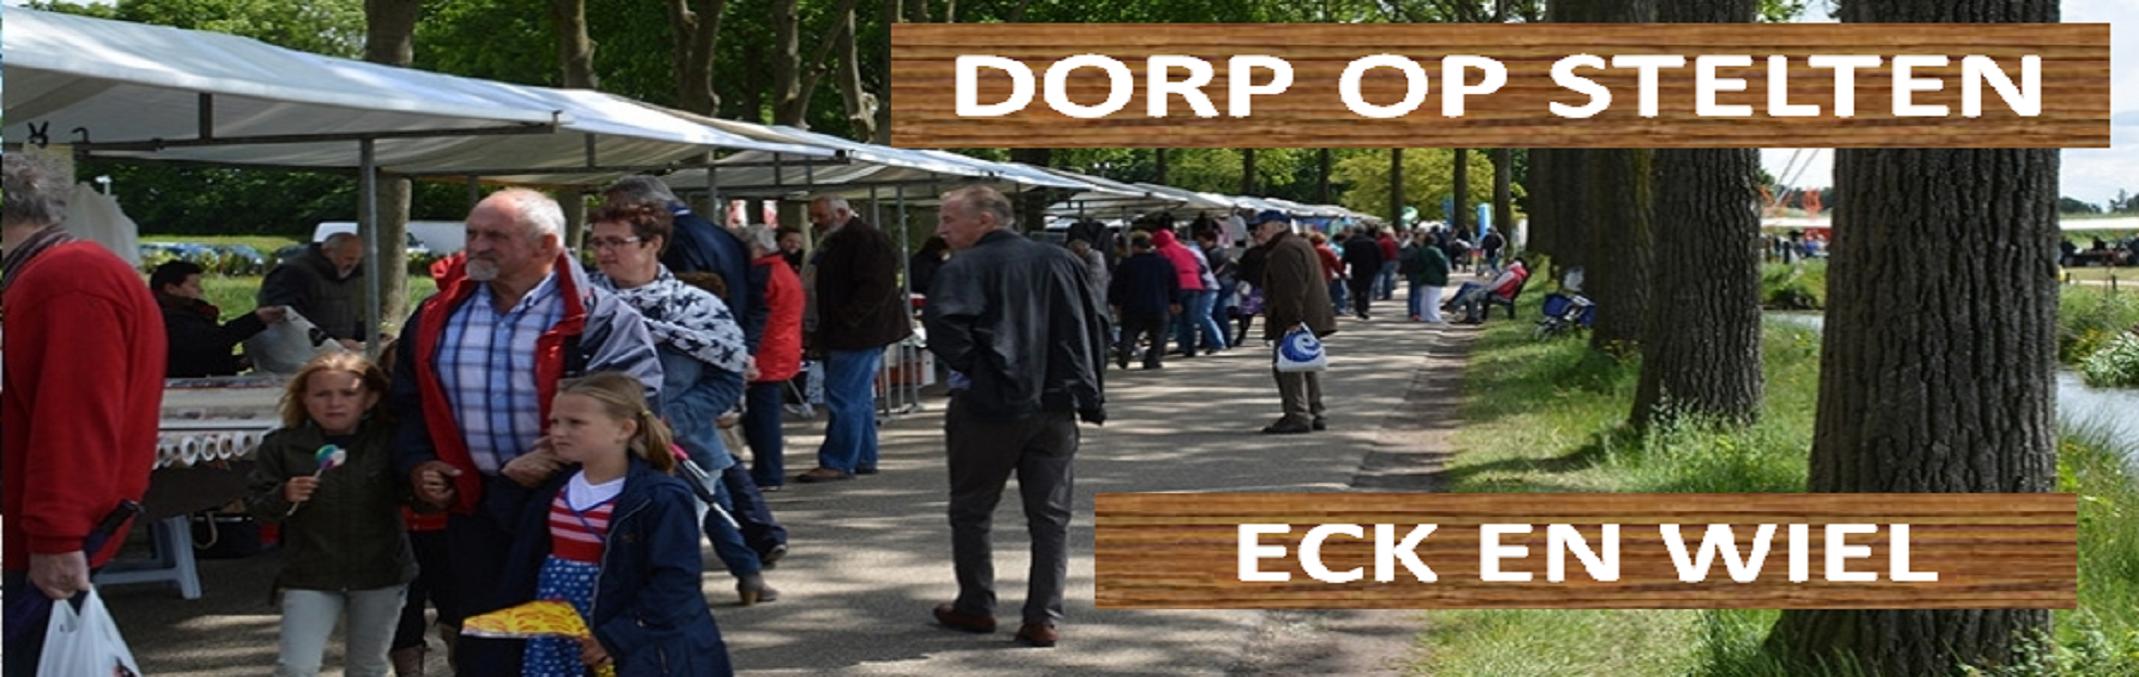 Voorjaarsmarkt Eck en Wiel